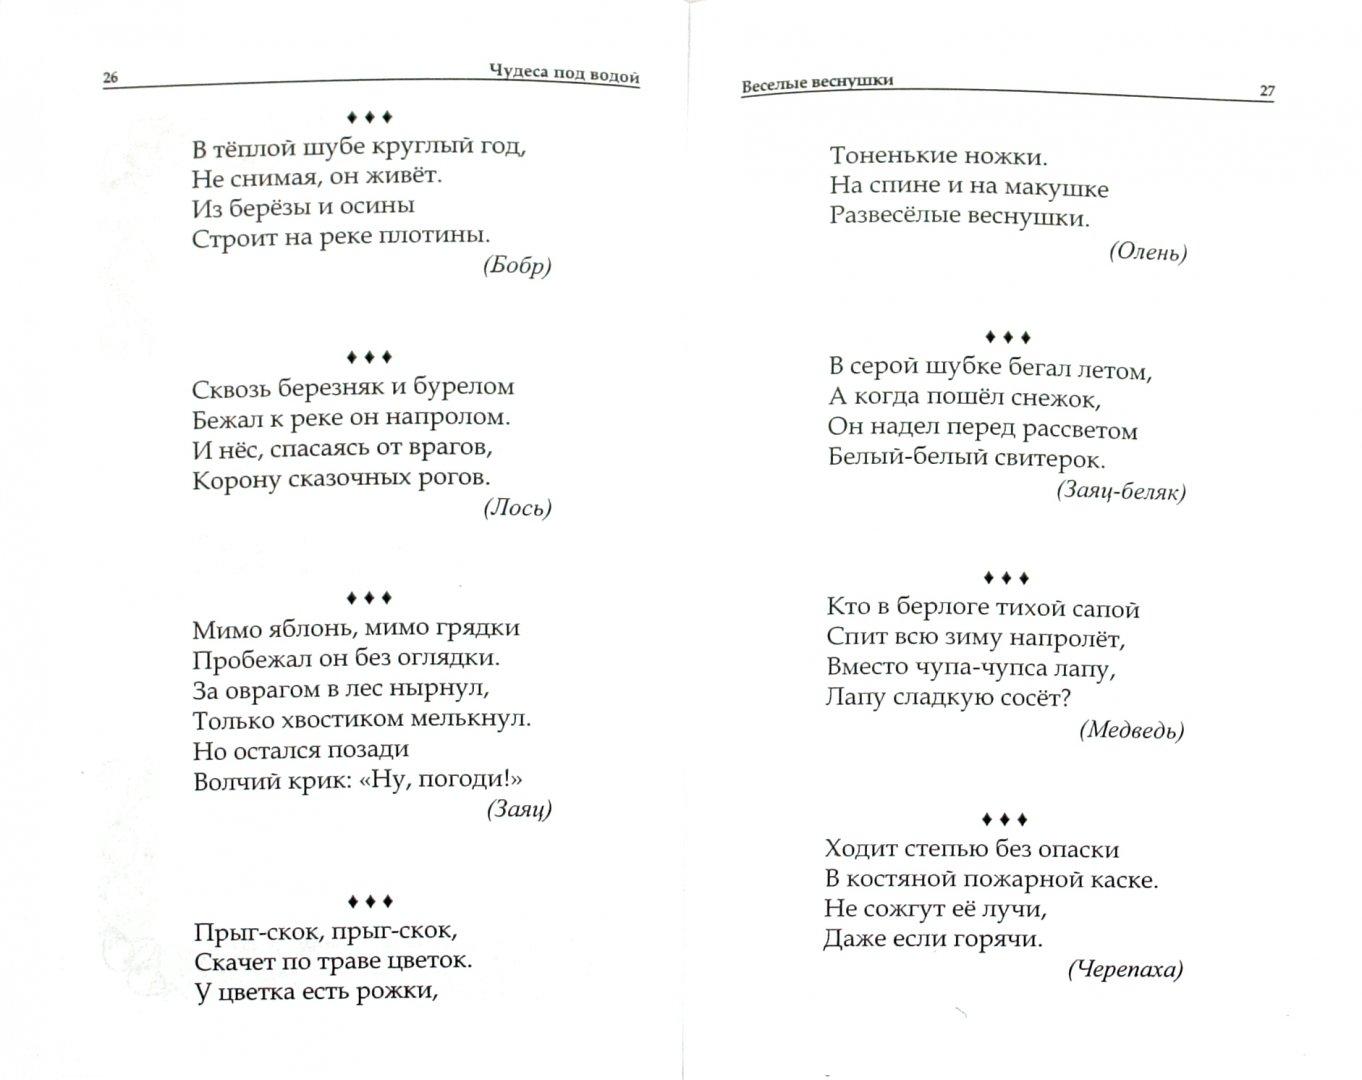 Иллюстрация 1 из 33 для Чудеса под водой - Николай Красильников | Лабиринт - книги. Источник: Лабиринт